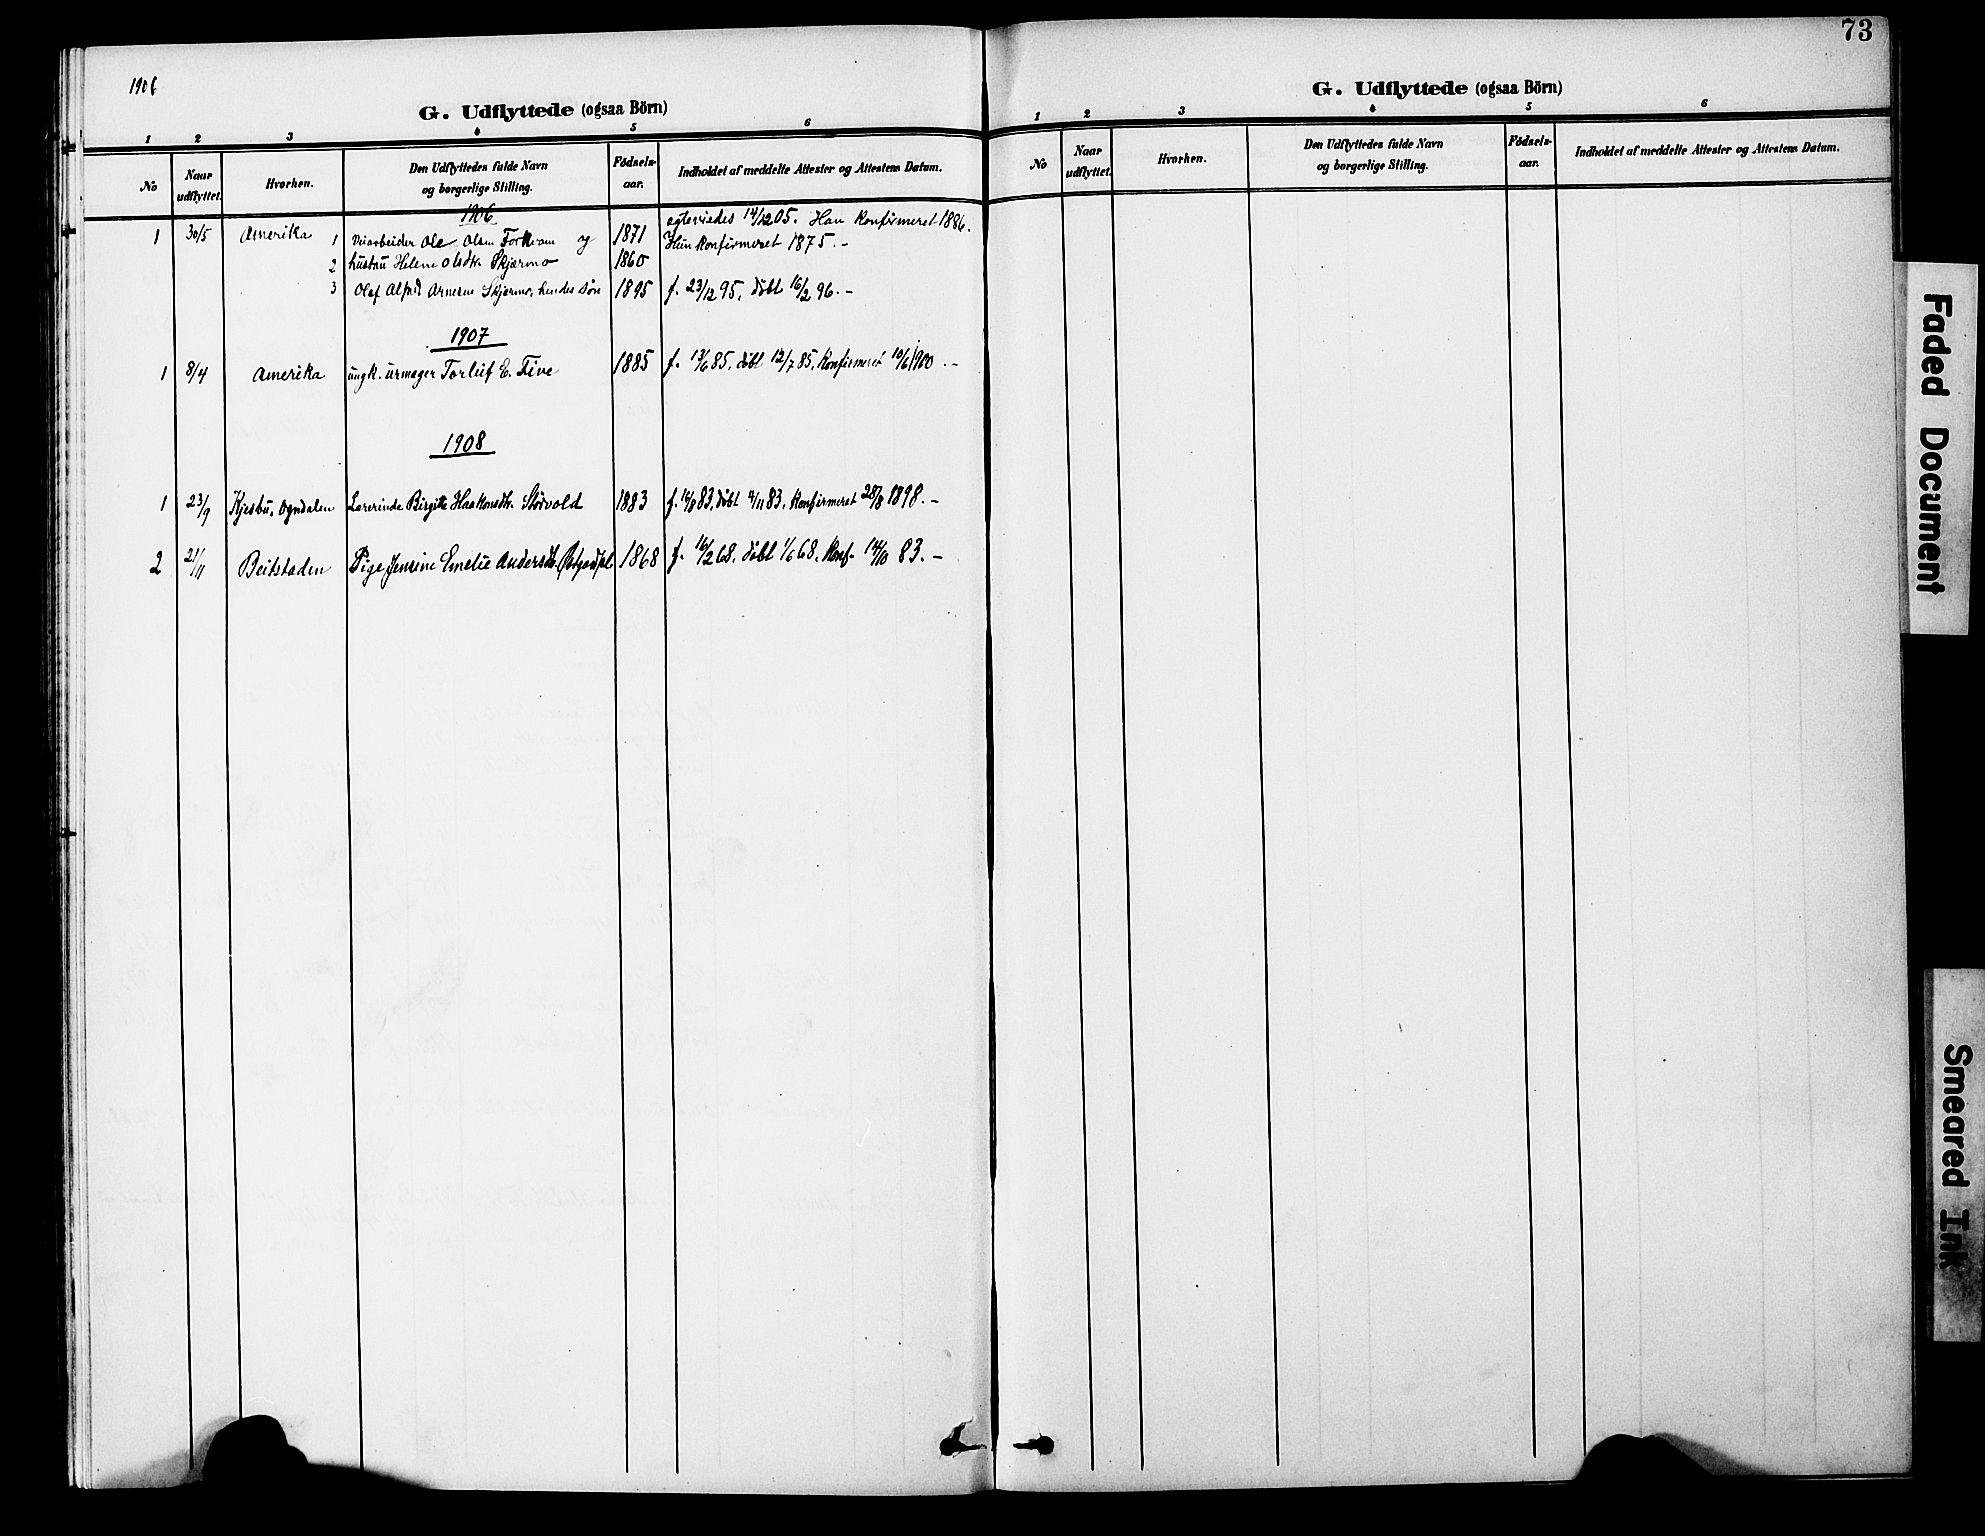 SAT, Ministerialprotokoller, klokkerbøker og fødselsregistre - Nord-Trøndelag, 746/L0452: Ministerialbok nr. 746A09, 1900-1908, s. 73